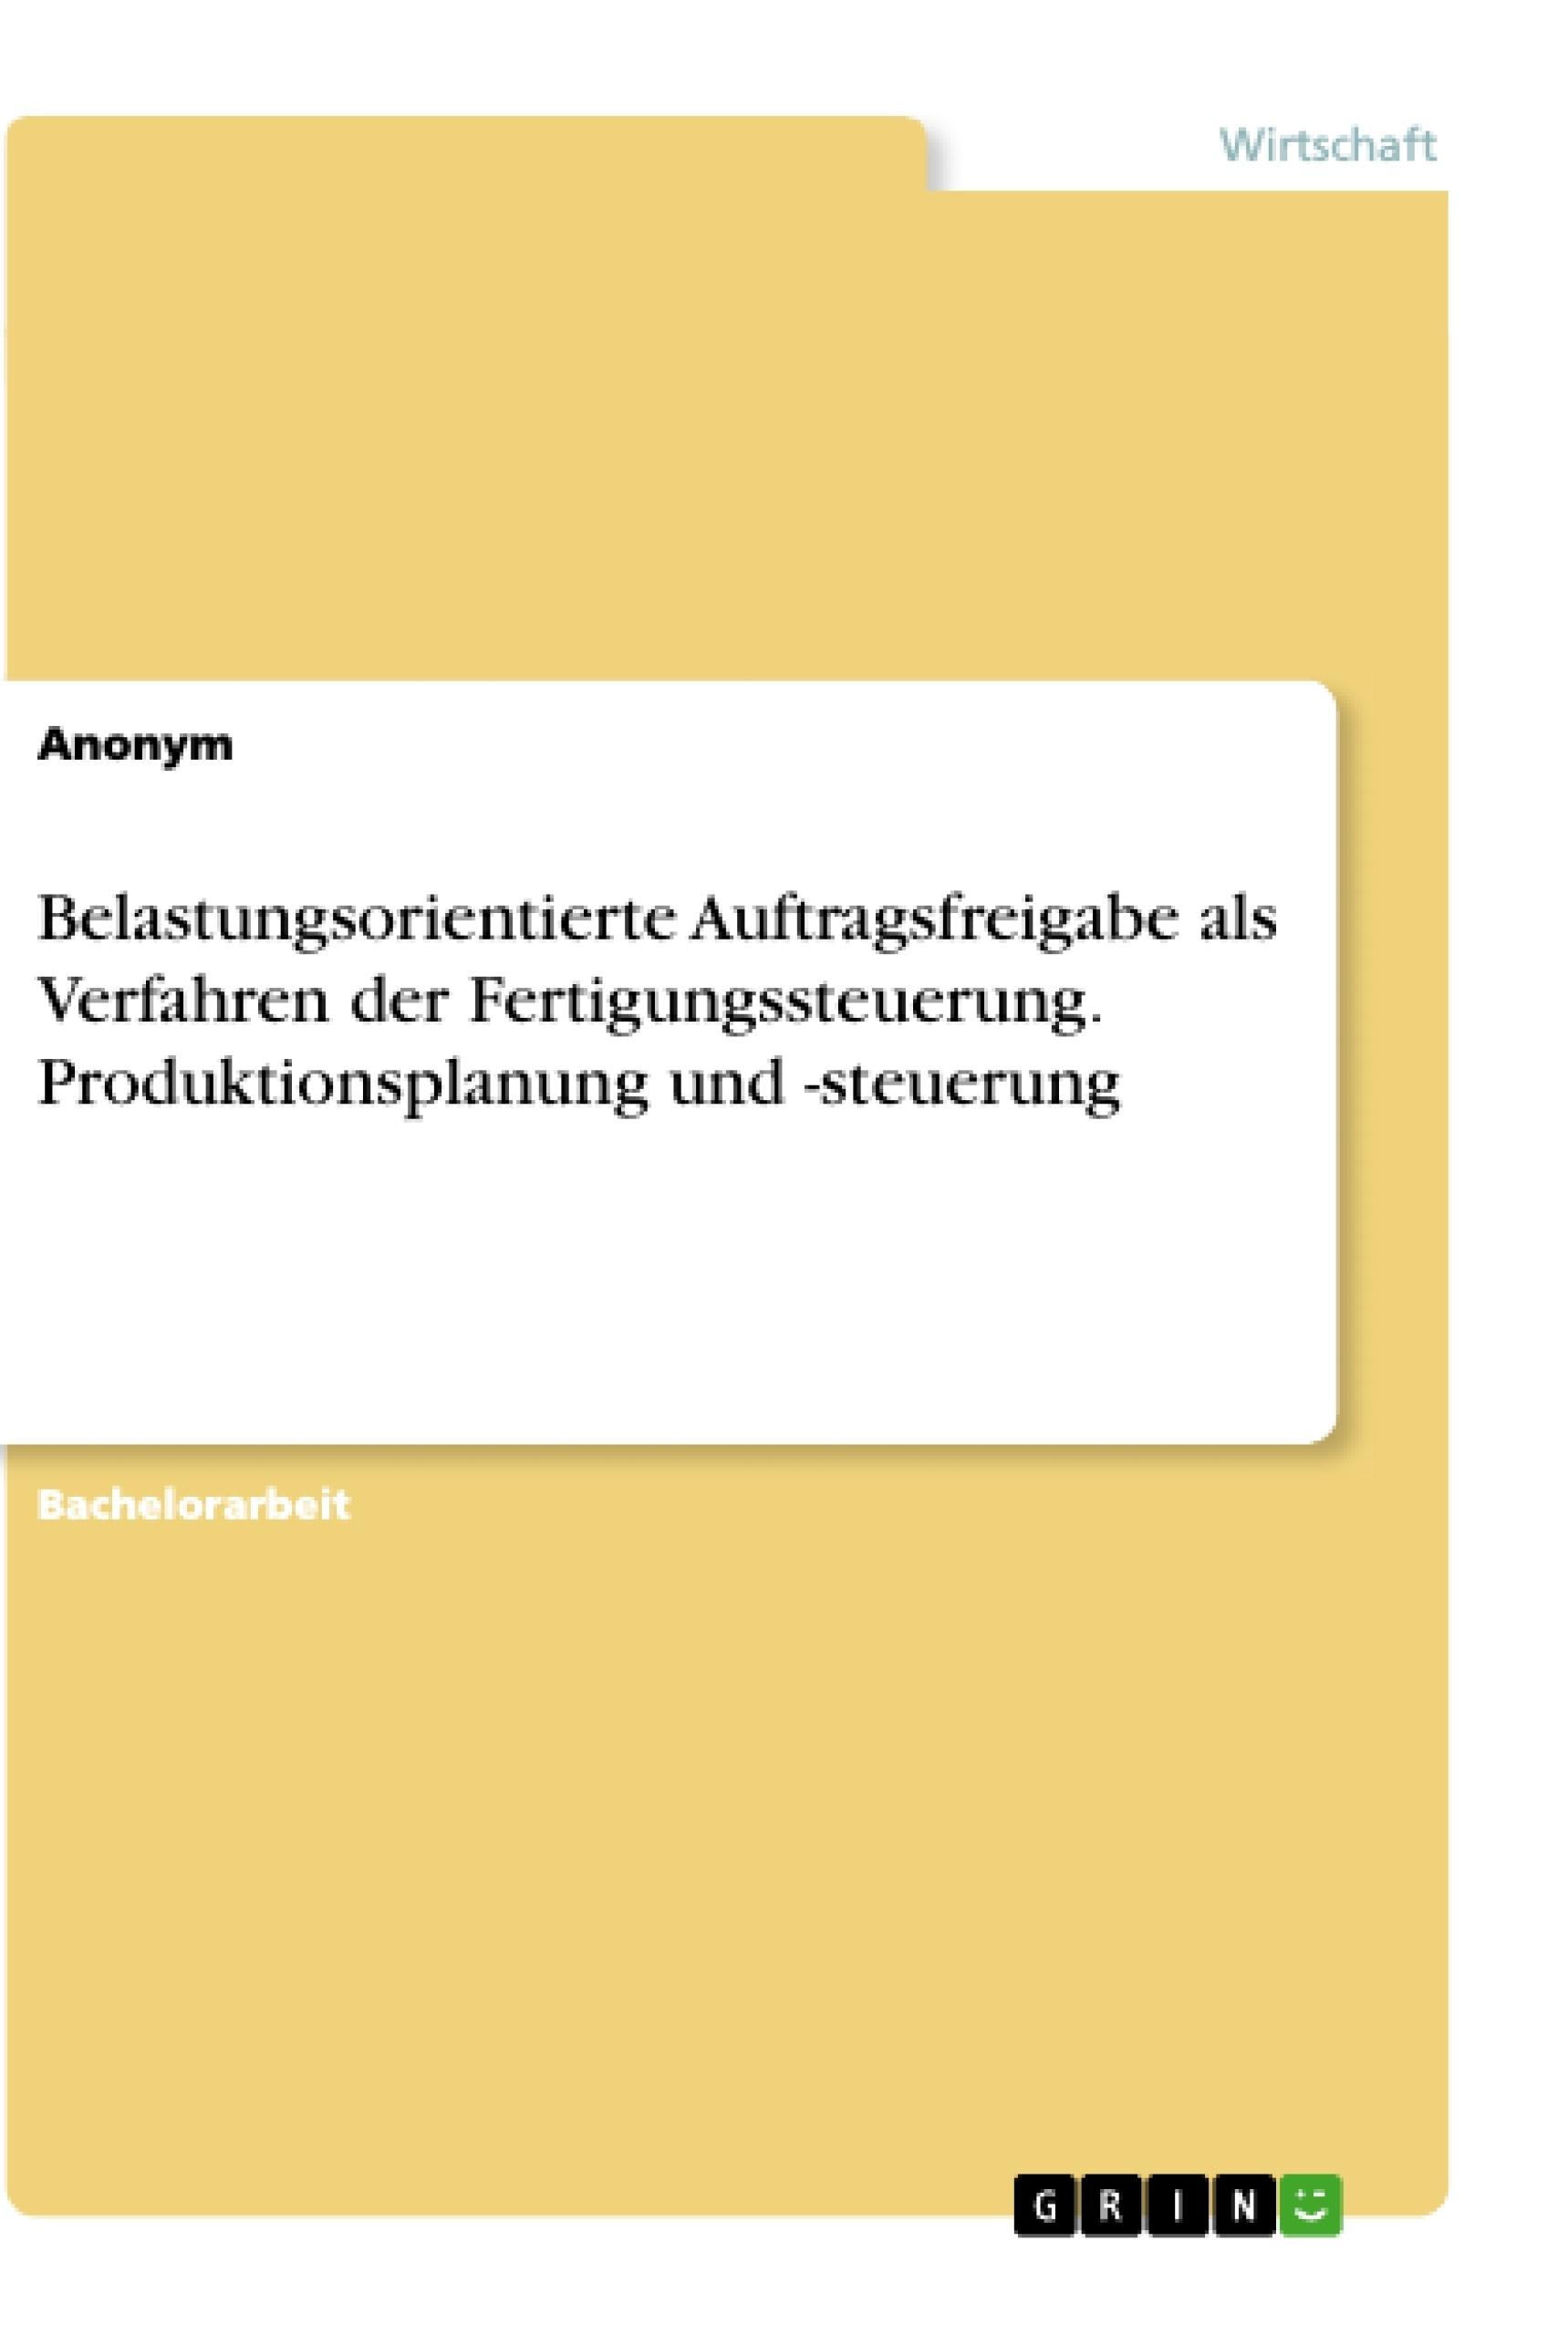 Titel: Belastungsorientierte Auftragsfreigabe als Verfahren der Fertigungssteuerung. Produktionsplanung und -steuerung